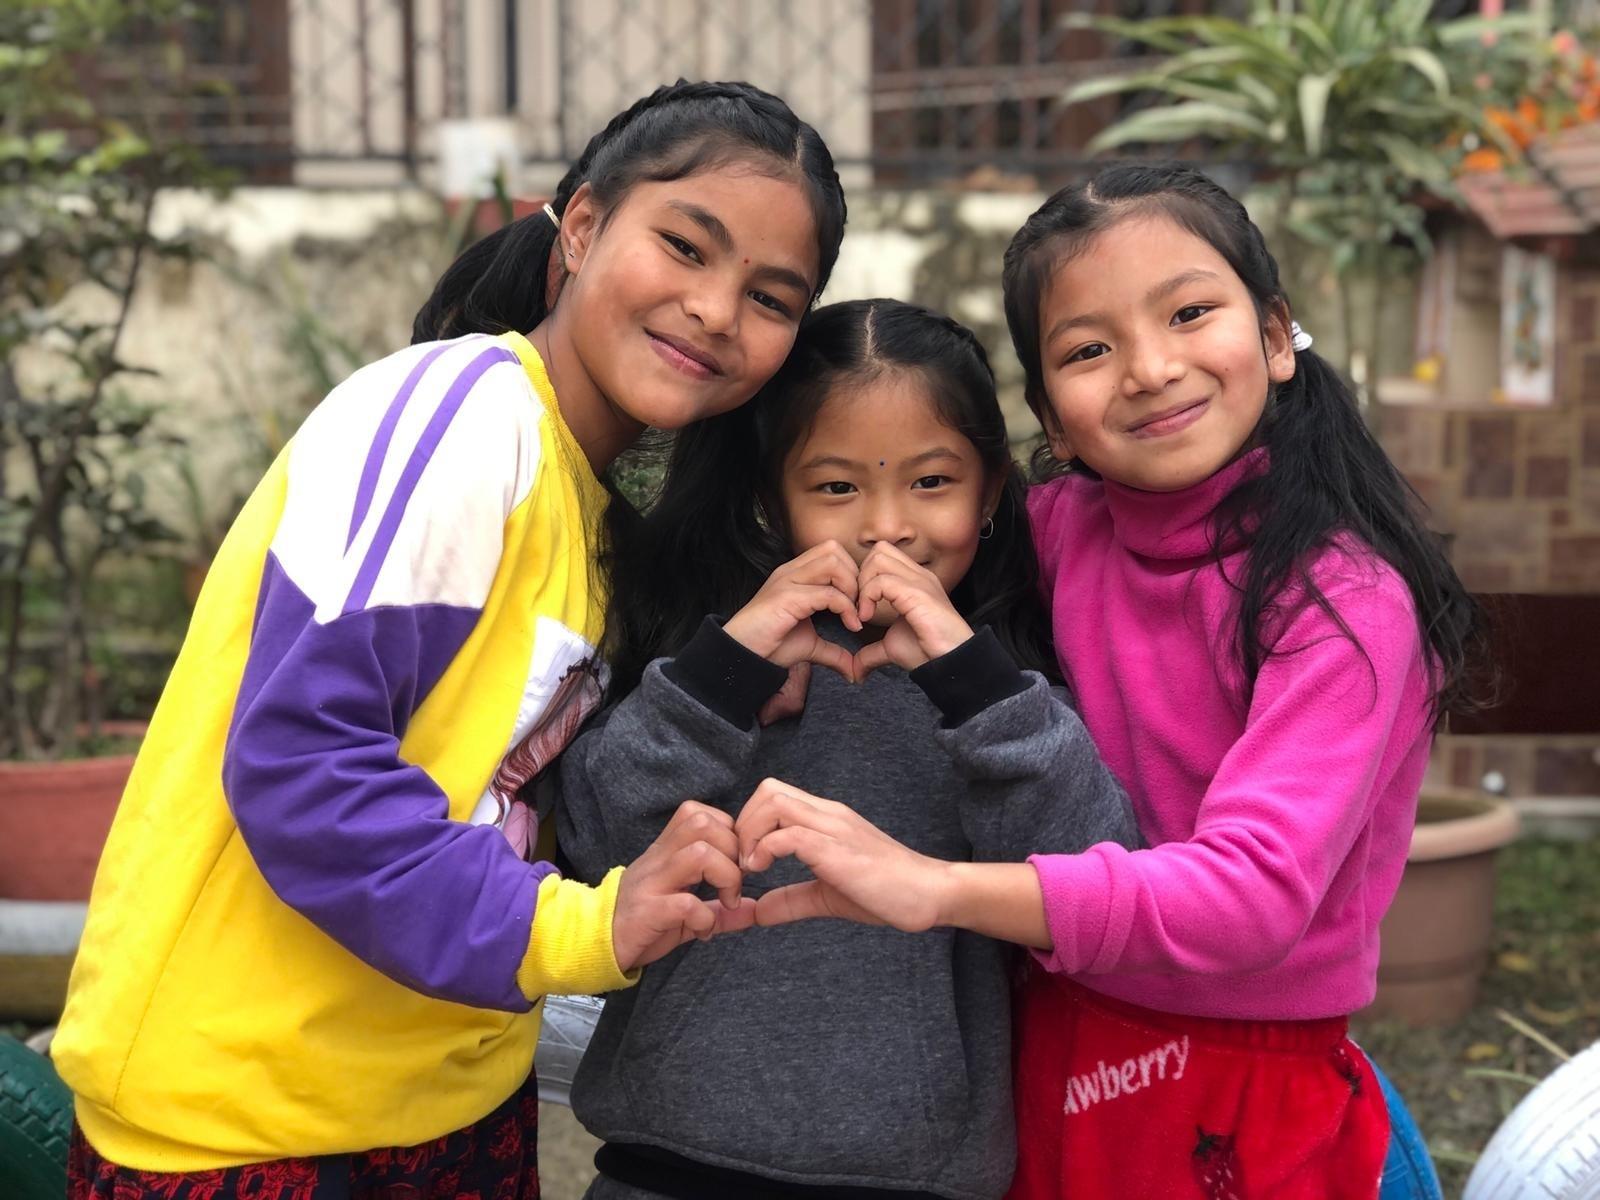 Colaboramos con Dream Nepal para proporcionar un hogar seguro a niños y niñas rescatados de prisión